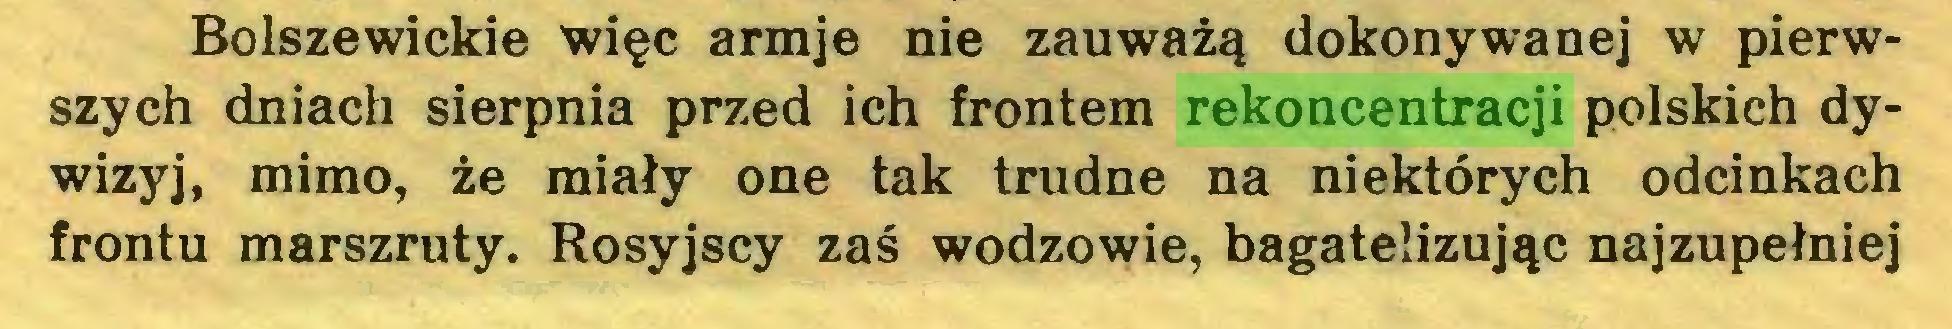 (...) Bolszewickie więc armje nie zauważą dokonywanej w pierwszych dniach sierpnia przed ich frontem rekoncentracji polskich dywizyj, mimo, że miały one tak trudne na niektórych odcinkach frontu marszruty. Rosyjscy zaś wodzowie, bagatelizując najzupełniej...